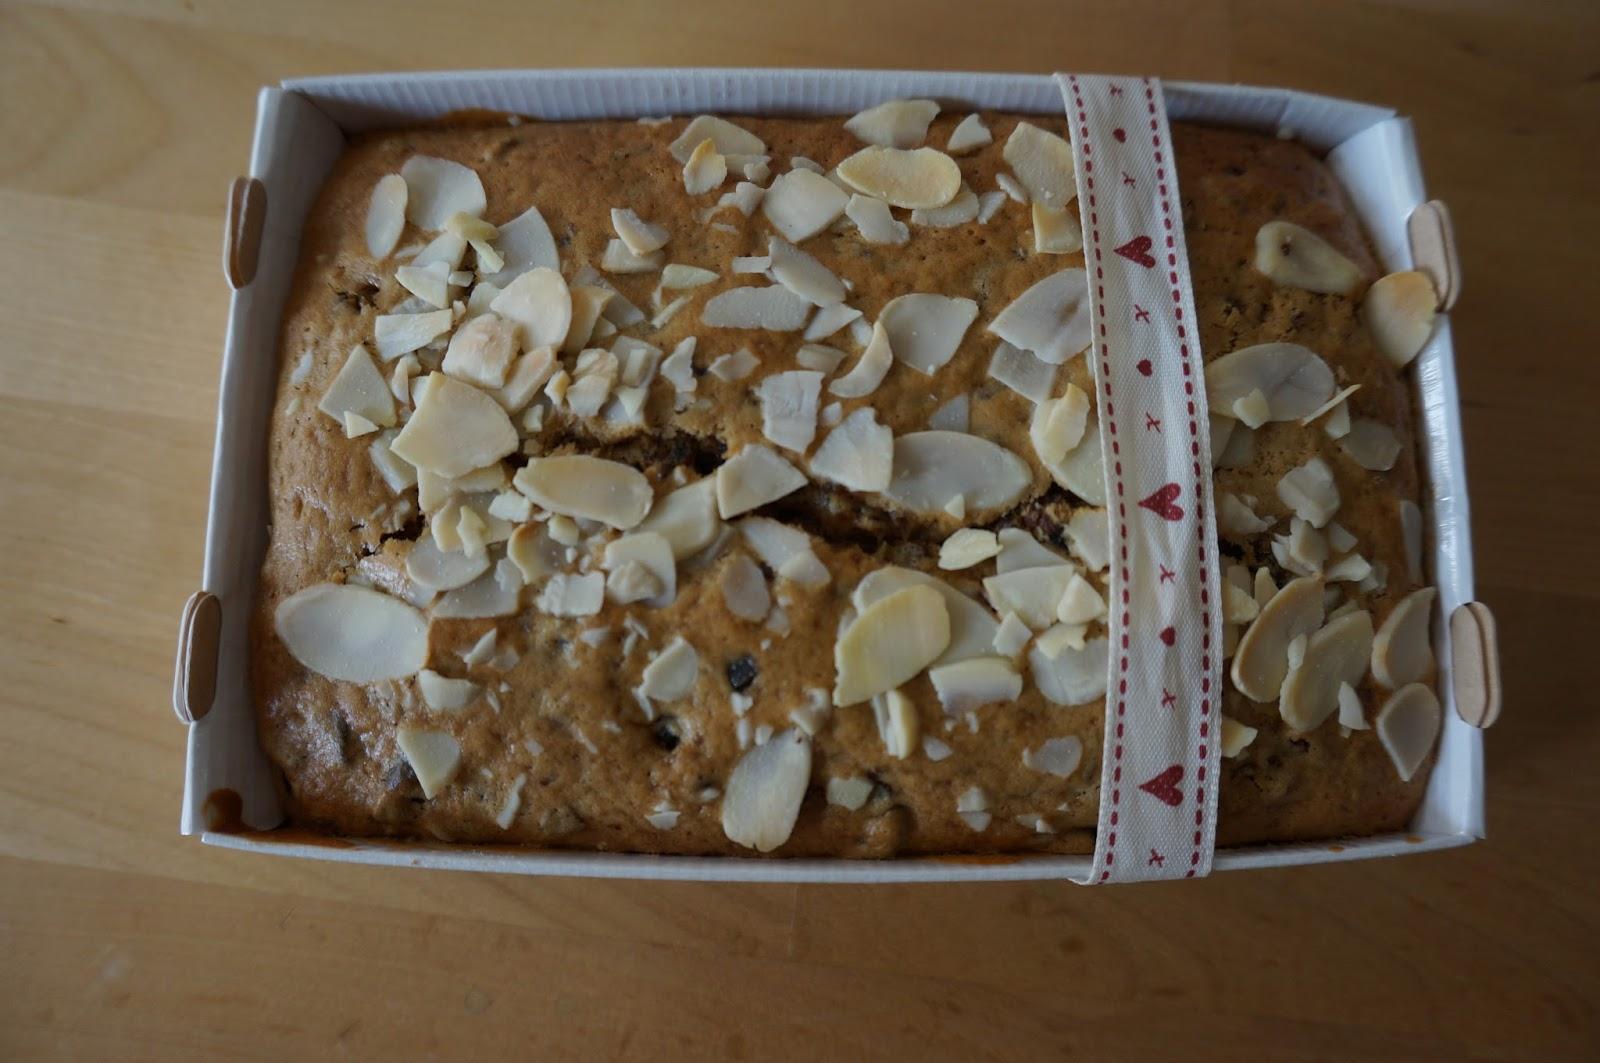 Random Recipes #32 - Puddings, cakes and bakes - Makey-Cakey